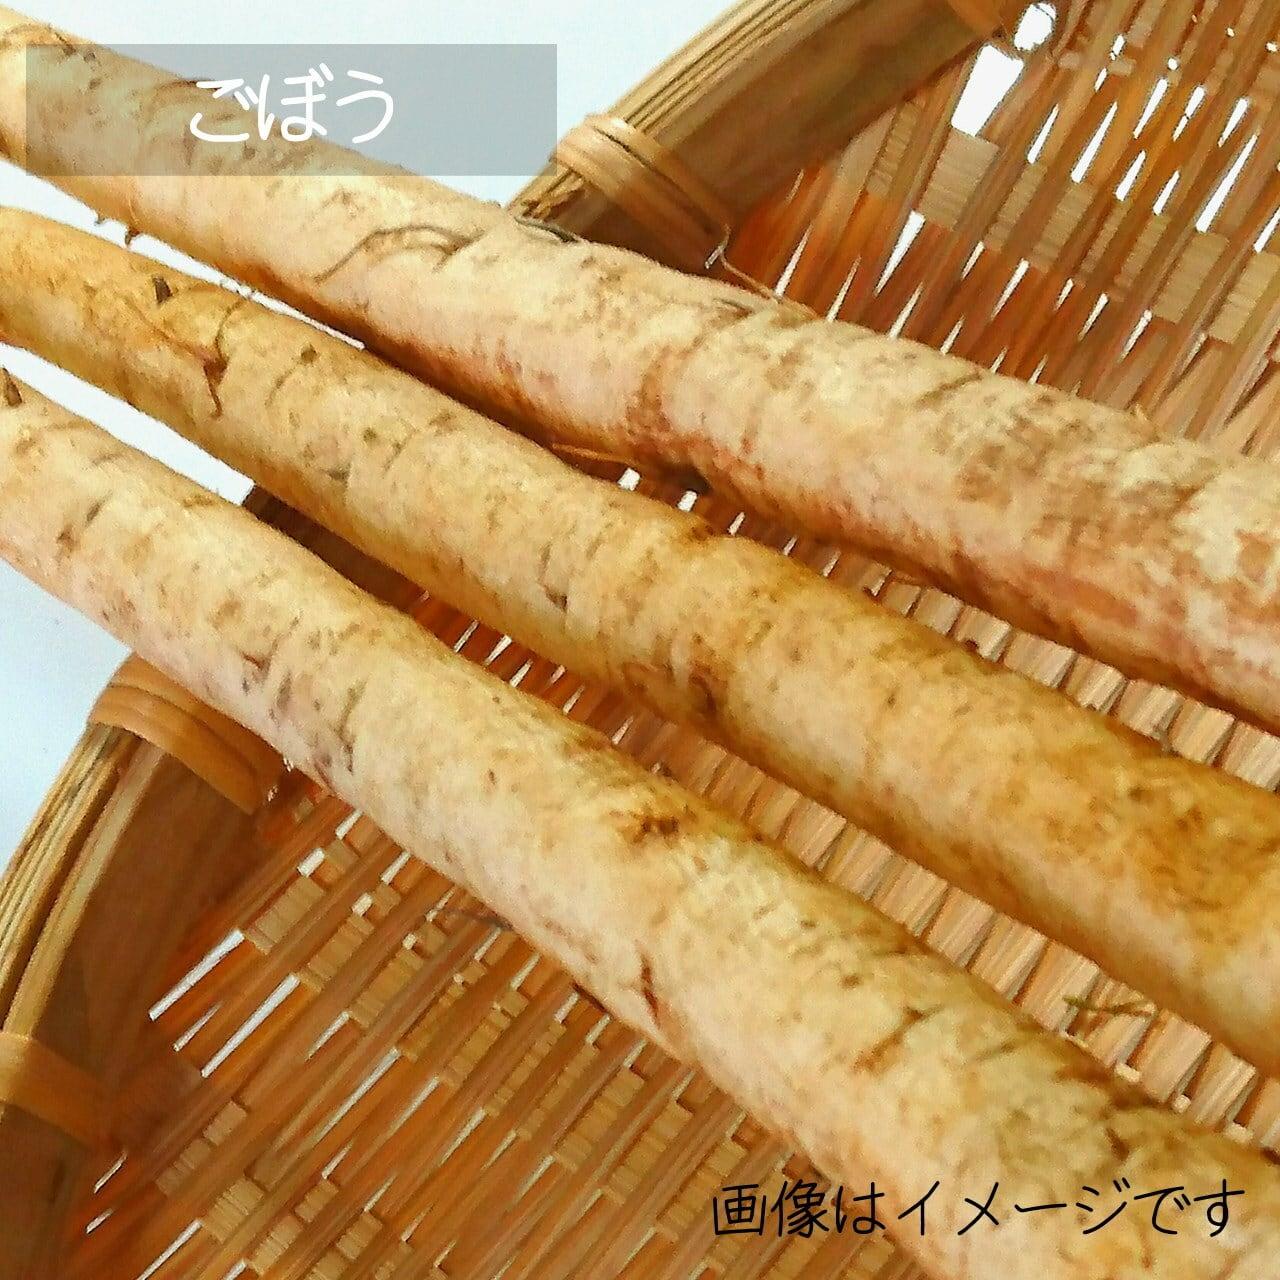 新鮮な秋野菜 : ゴボウ 1~3本 9月の朝採り直売野菜 9月12日発送予定